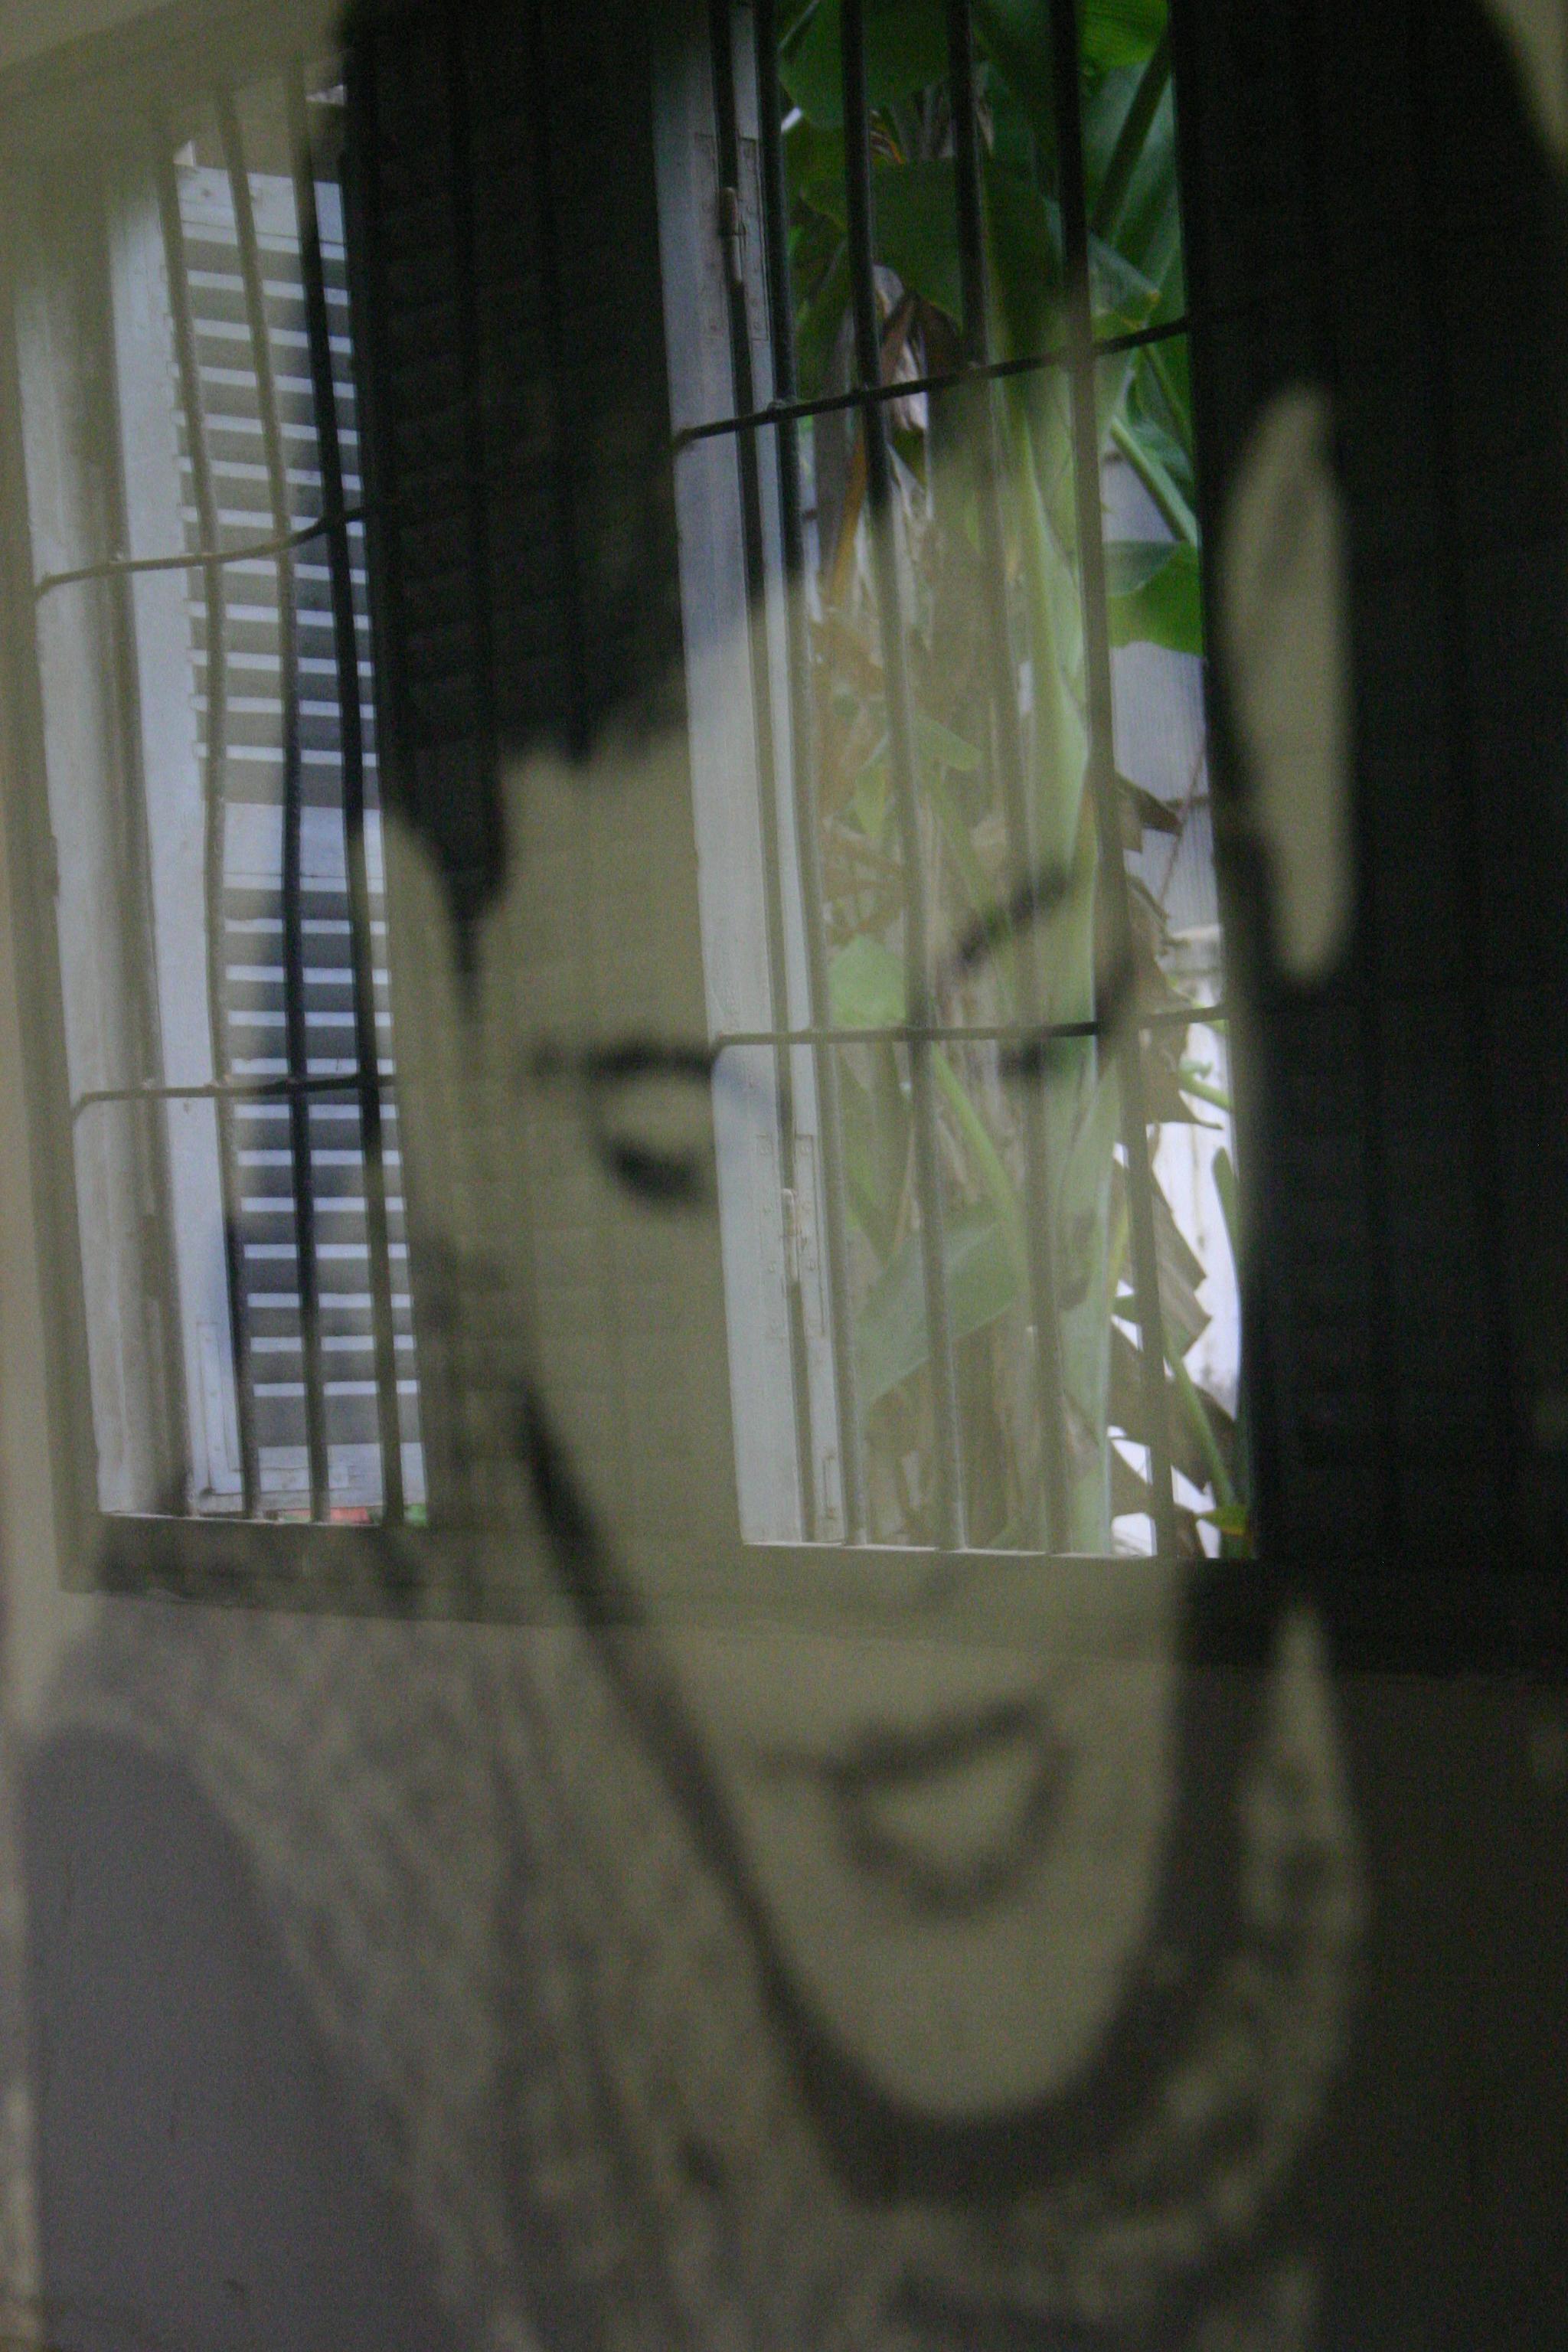 cambogia1.JPG